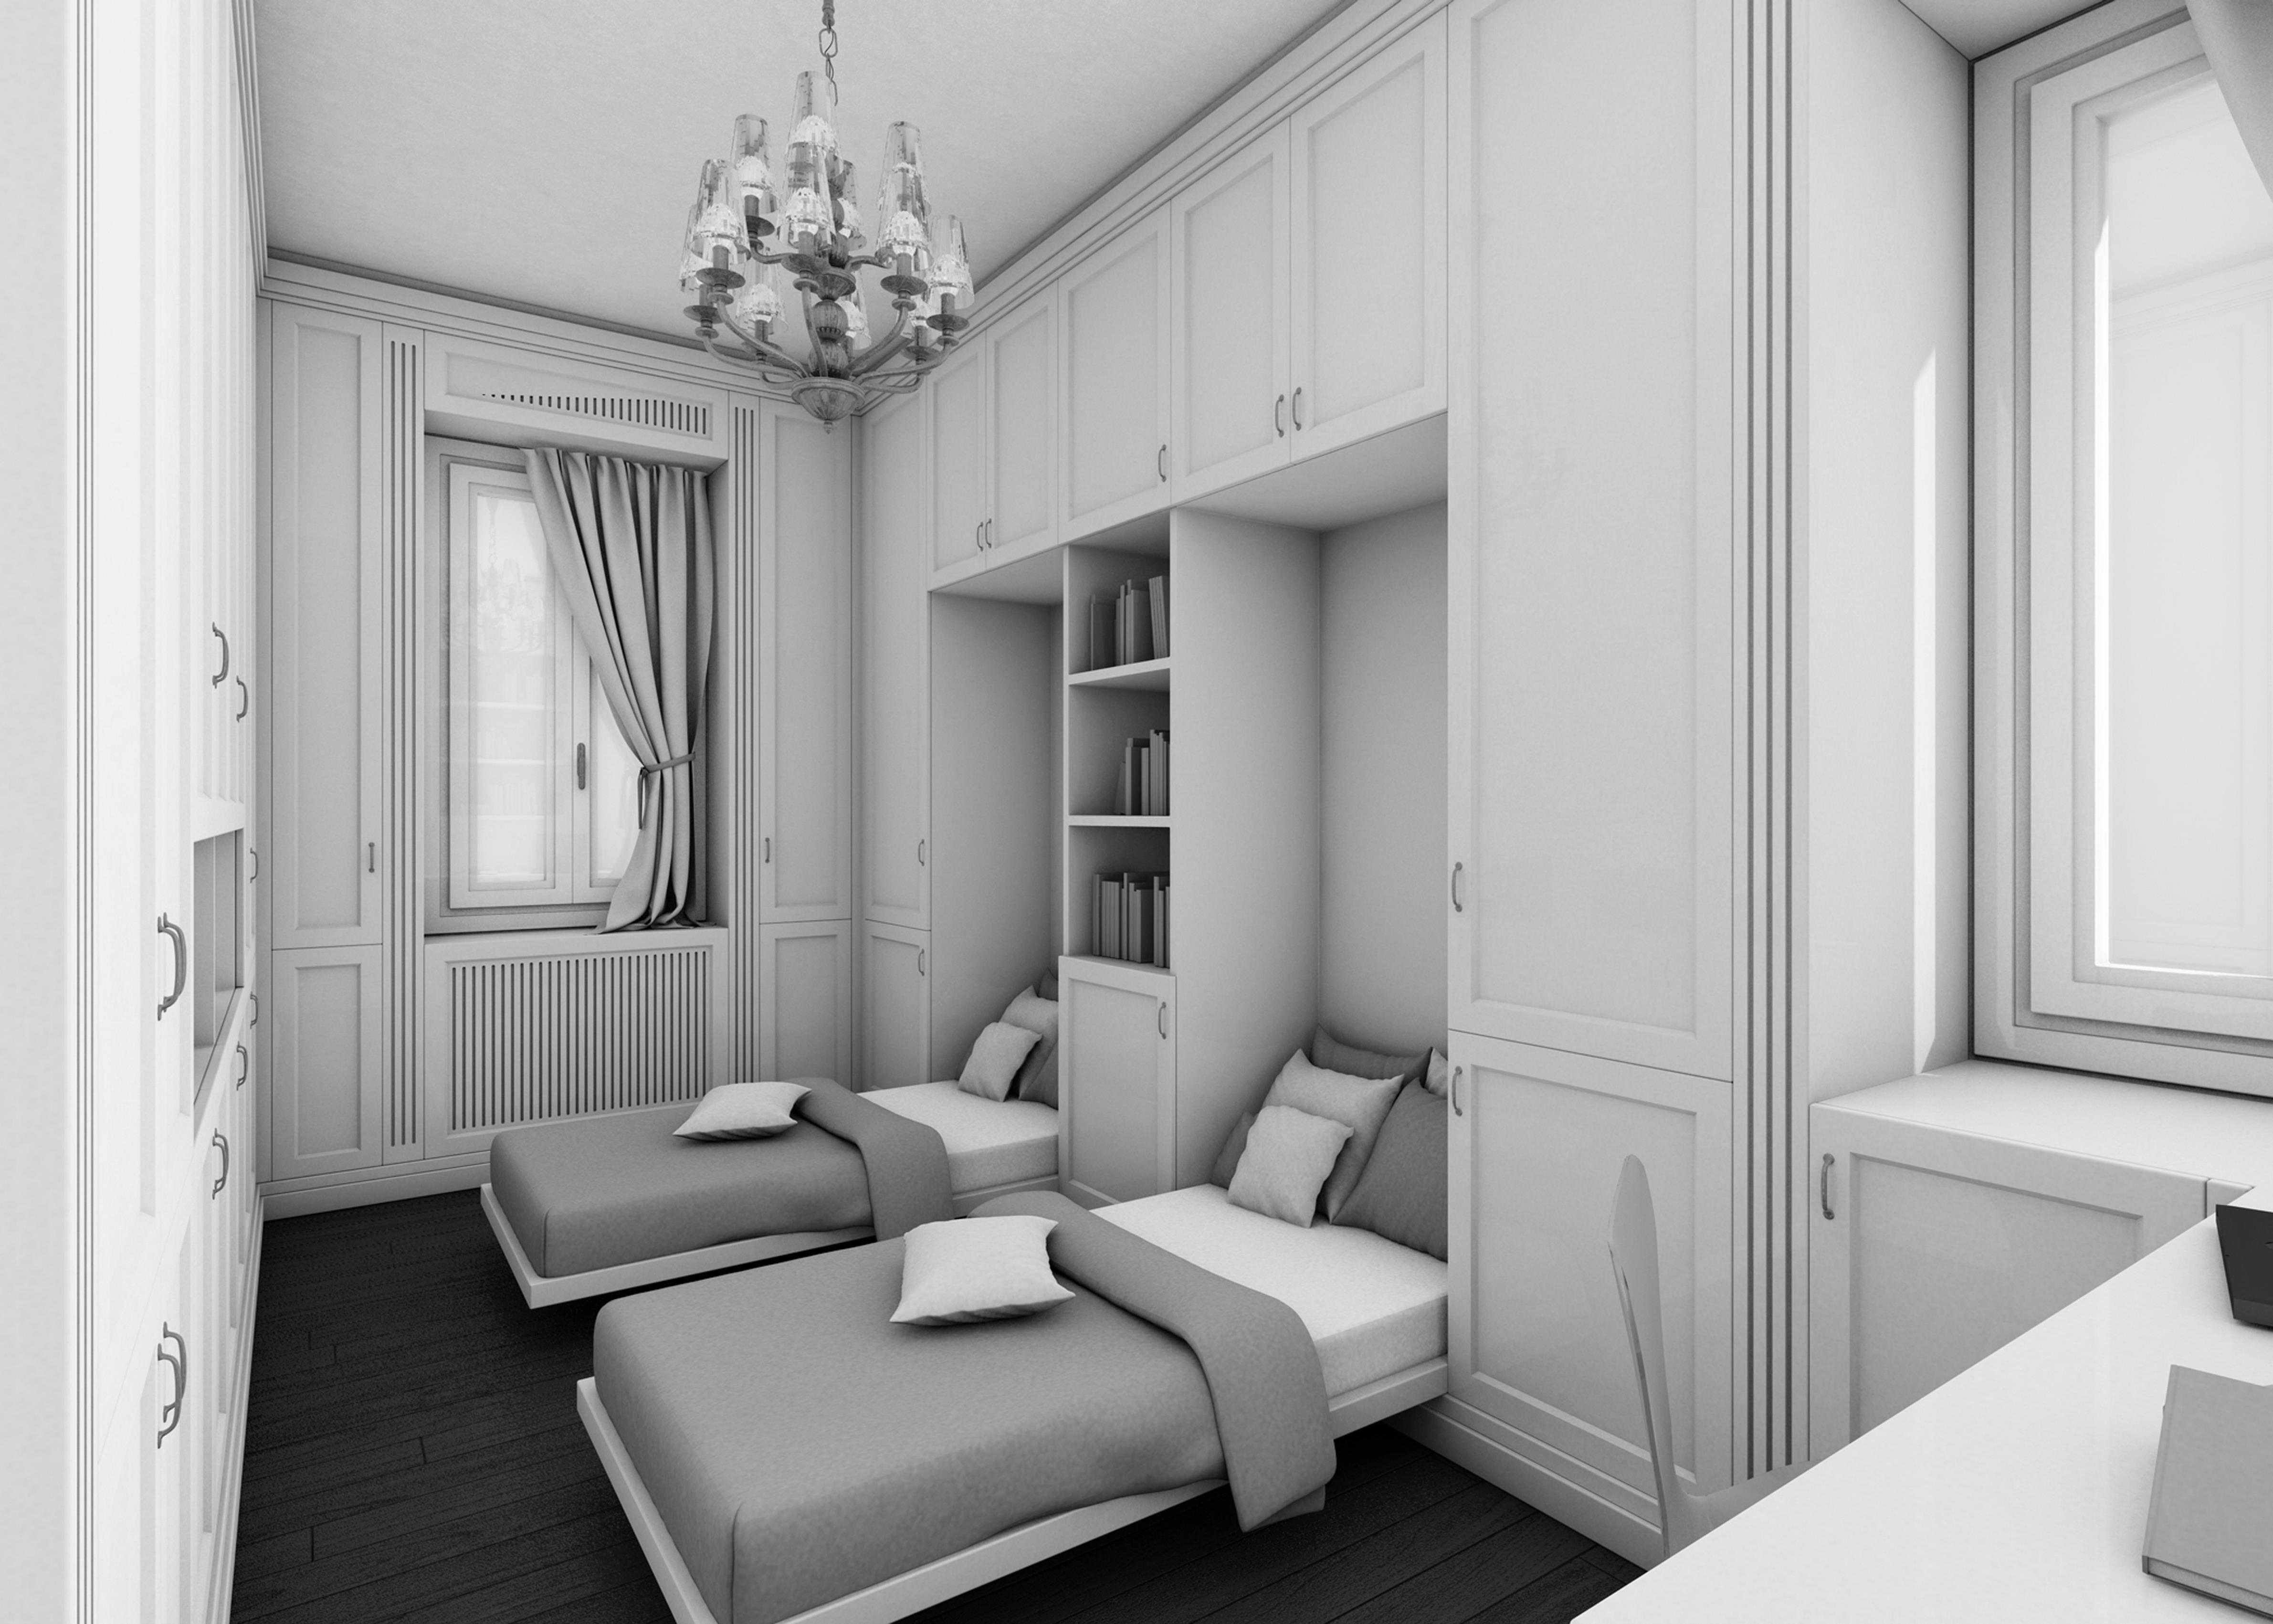 Camera da letto con armadio a ponte arredamento casa for Camera da letto in stile sud ovest